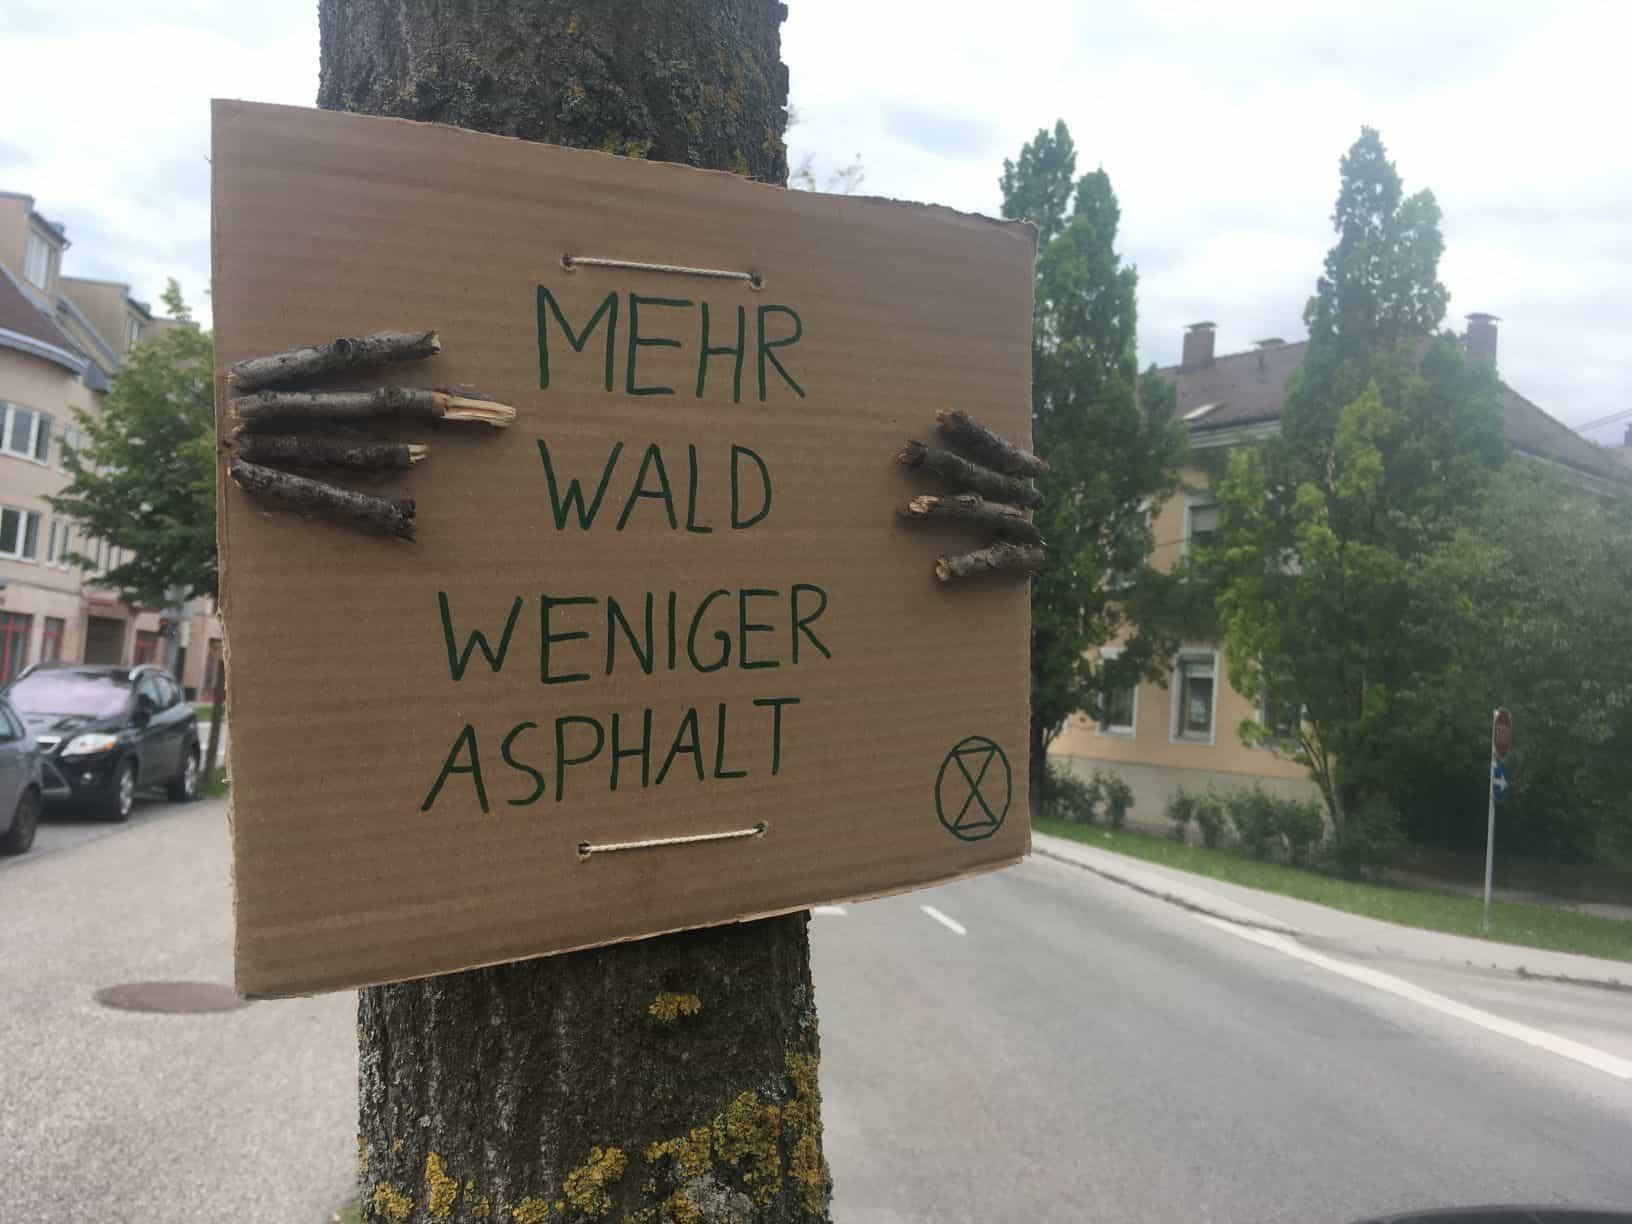 Ein Baum hält ein Schild und demonstriert für mehr Wald und weniger Asphalt(Aktion #aufbäumen)